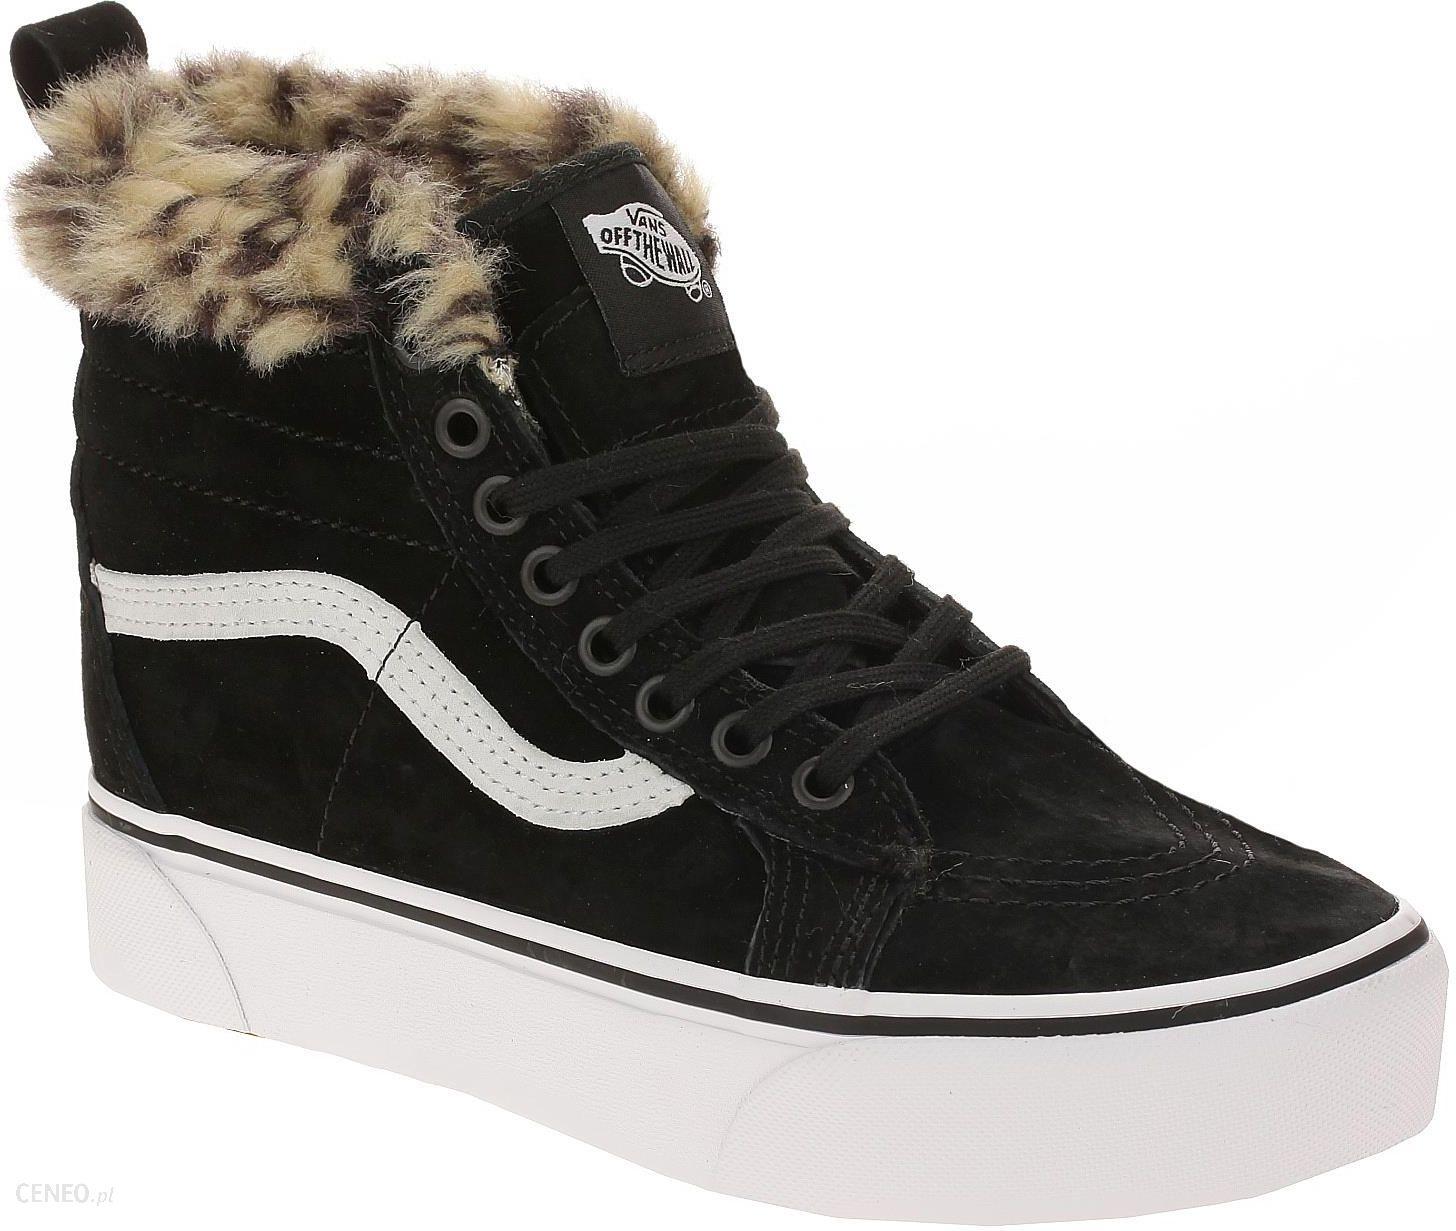 Sneakersy Damskie Vans Sk8 Hi Mte Rain DrumLeather | Outlet